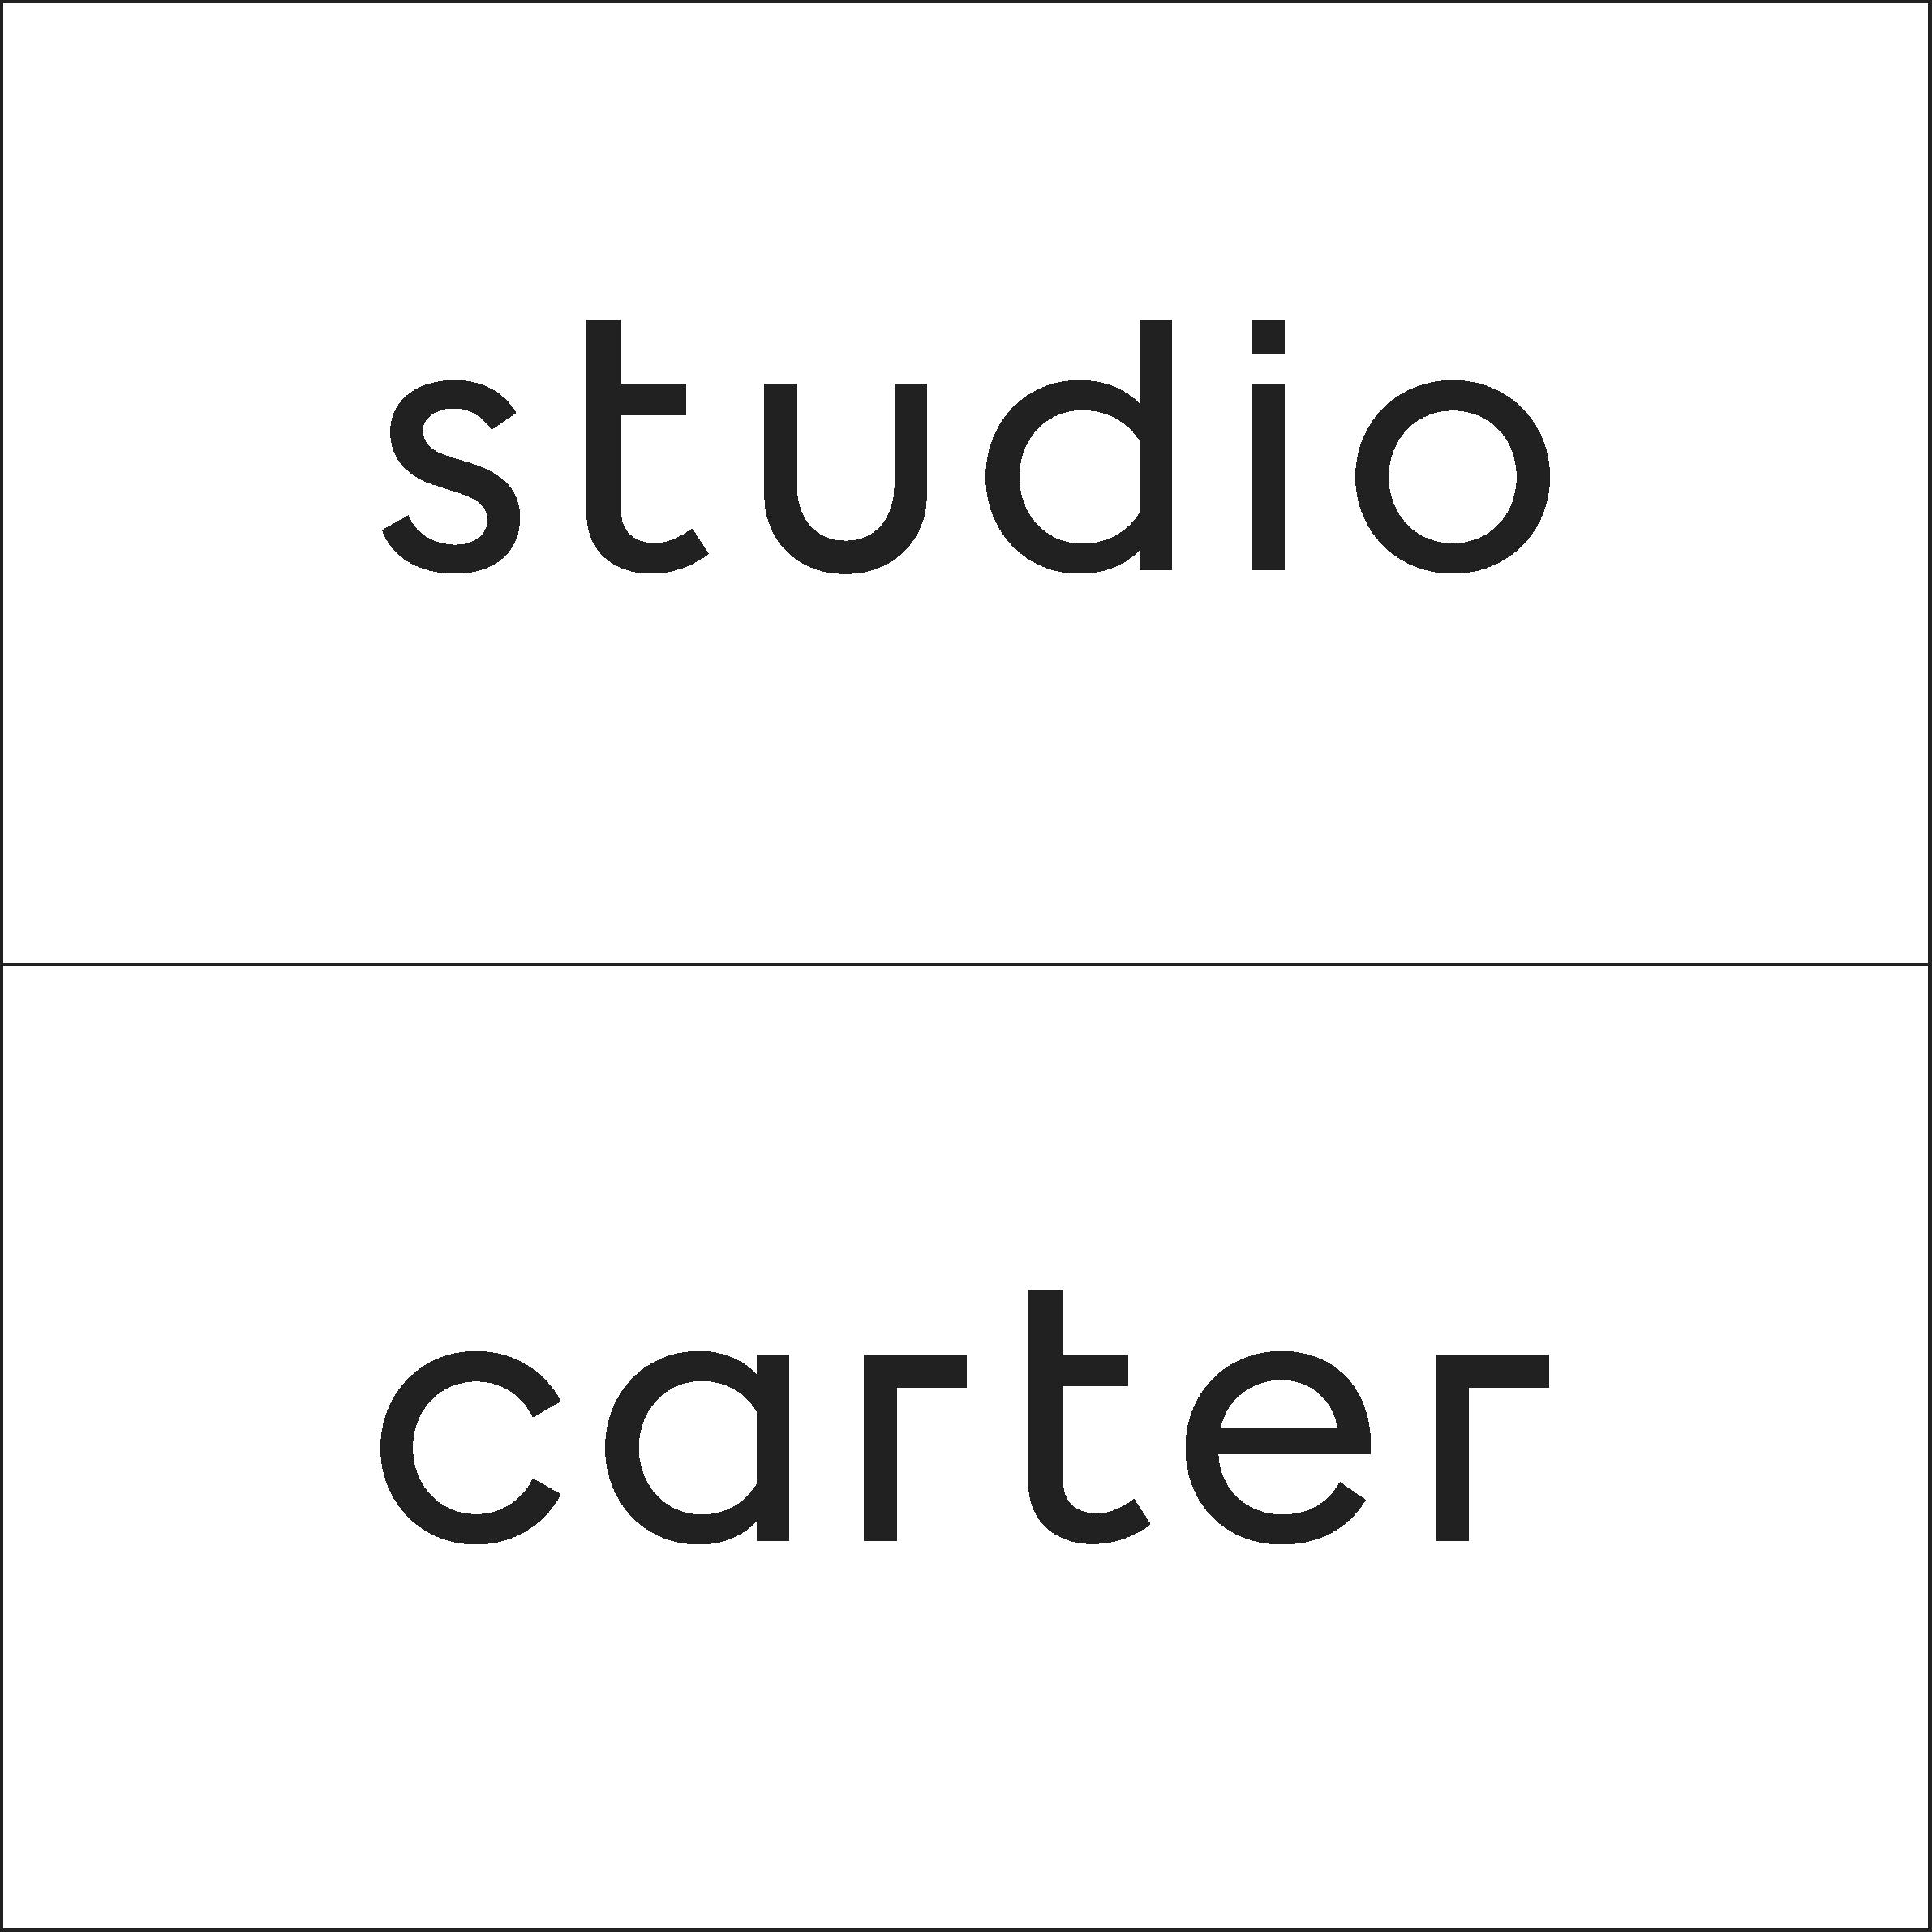 Studio Carter